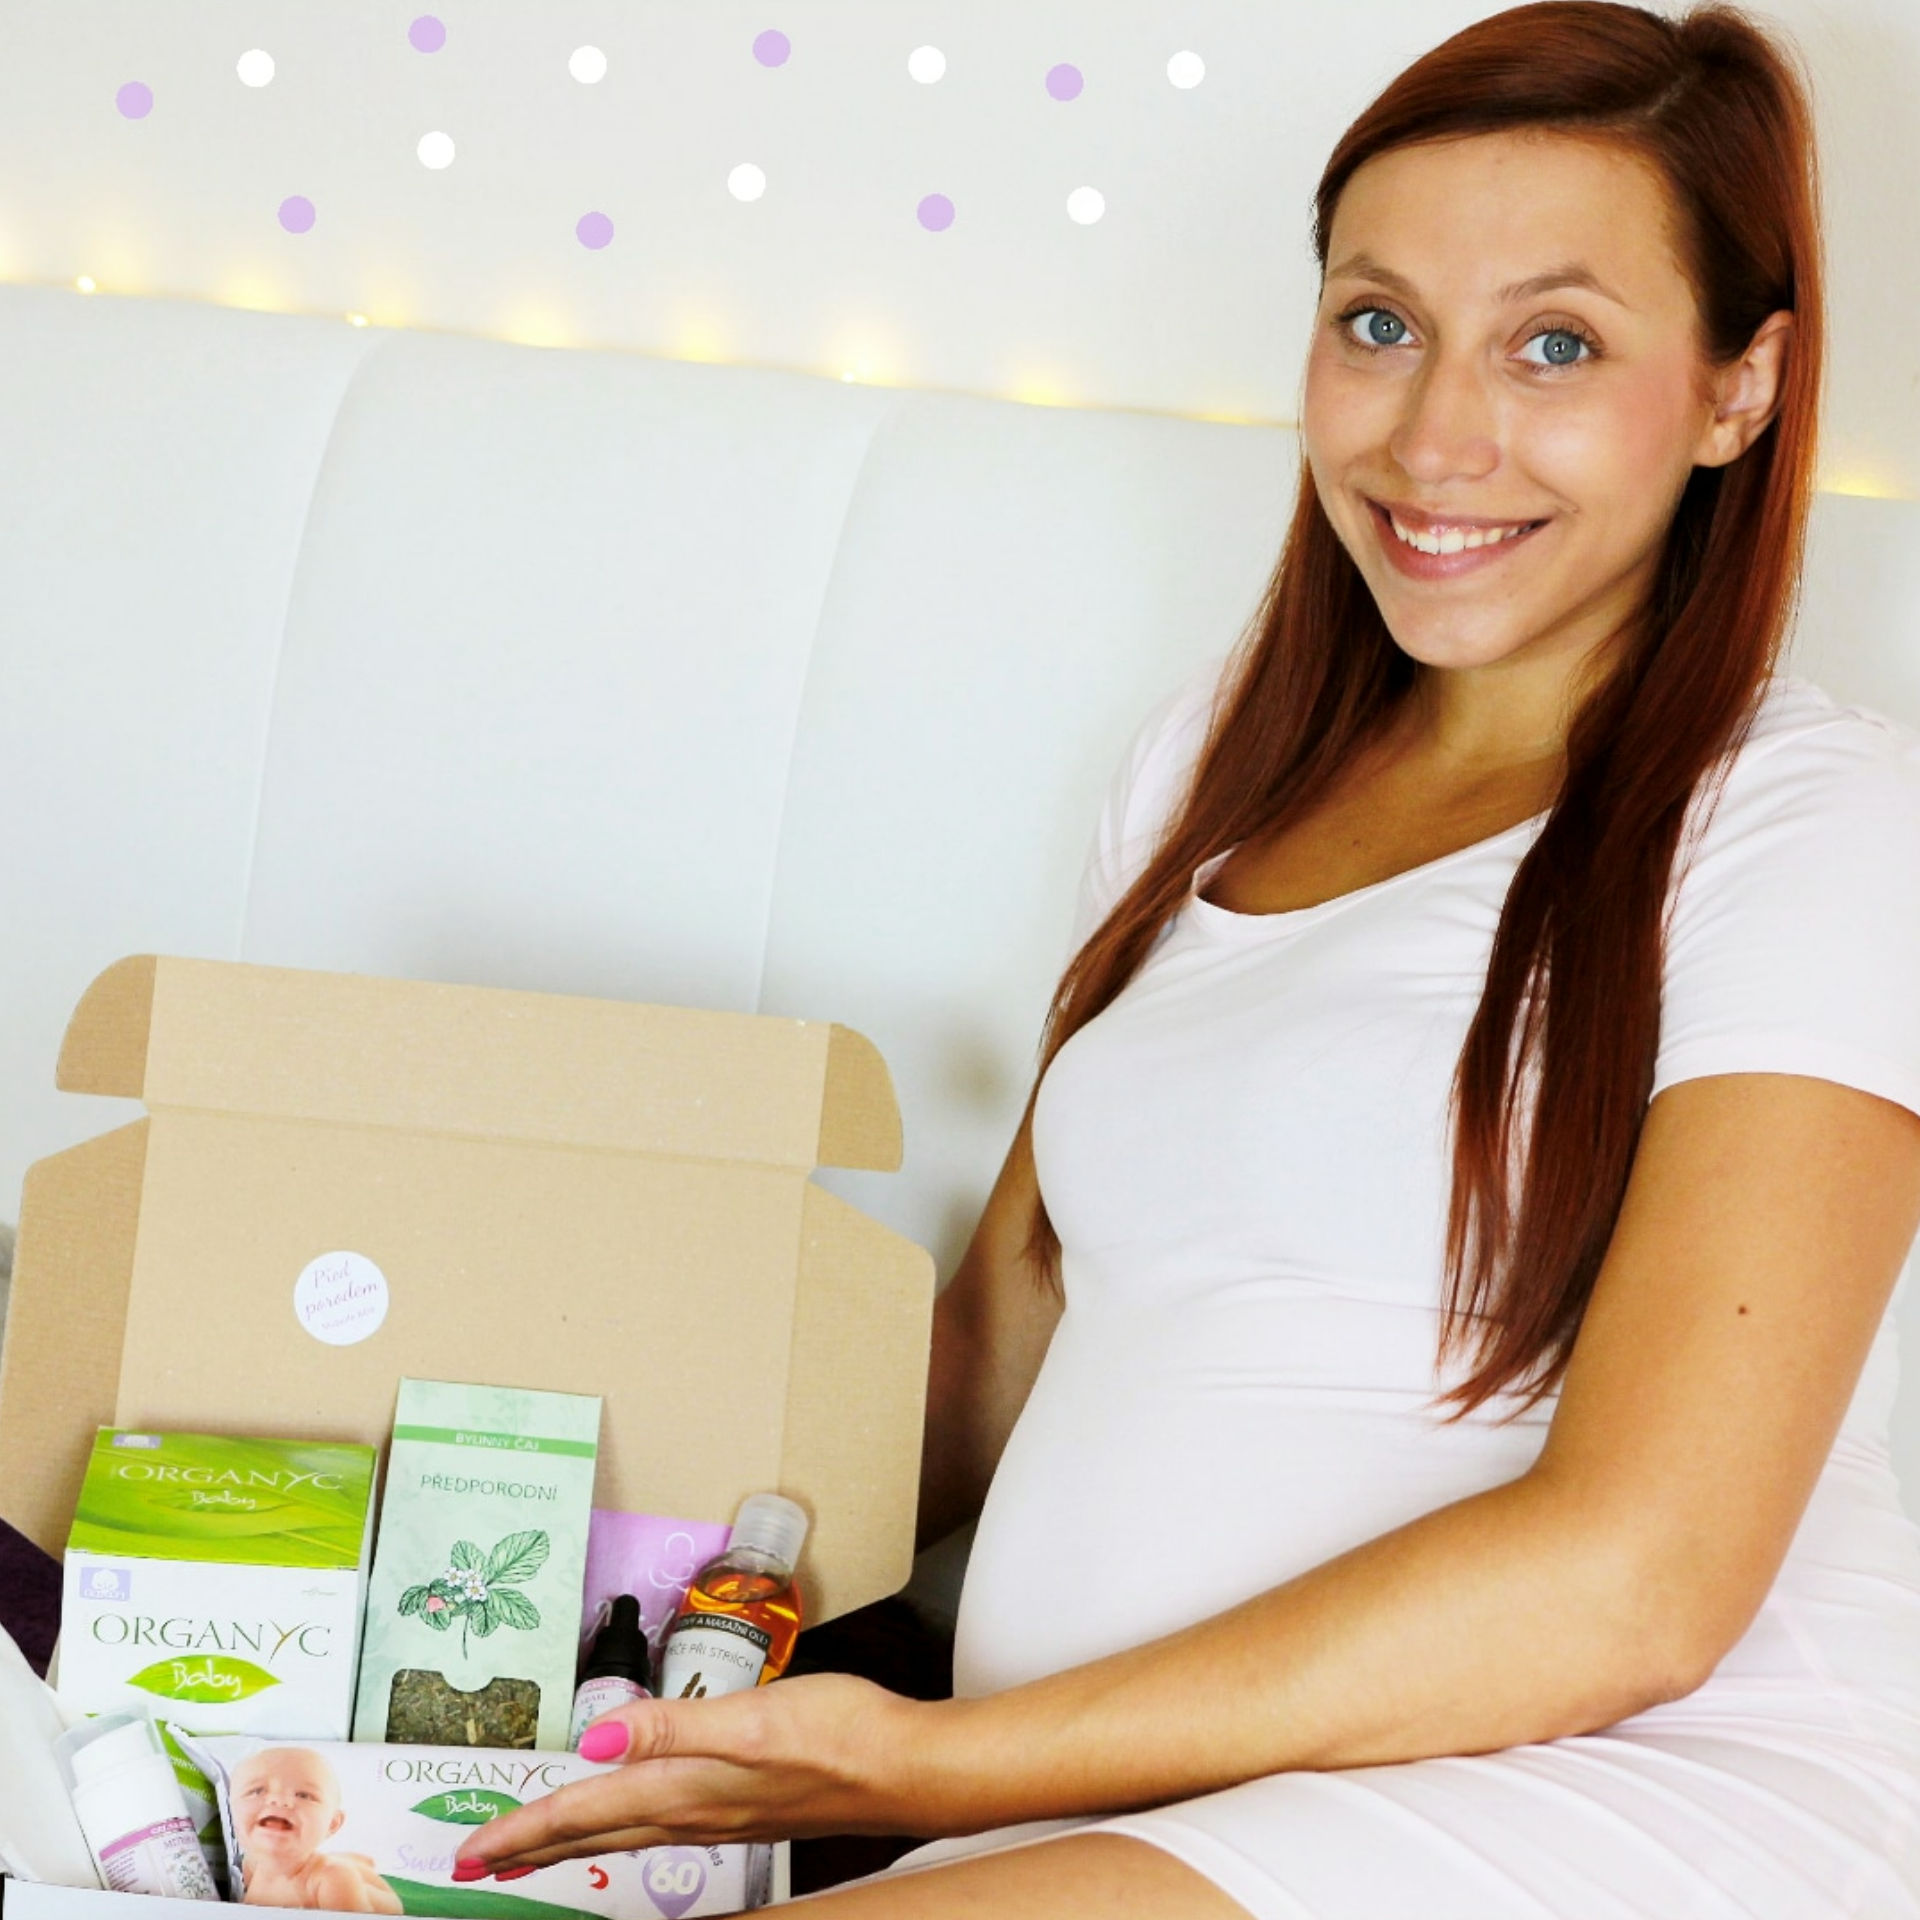 Dárek pro těhotnou